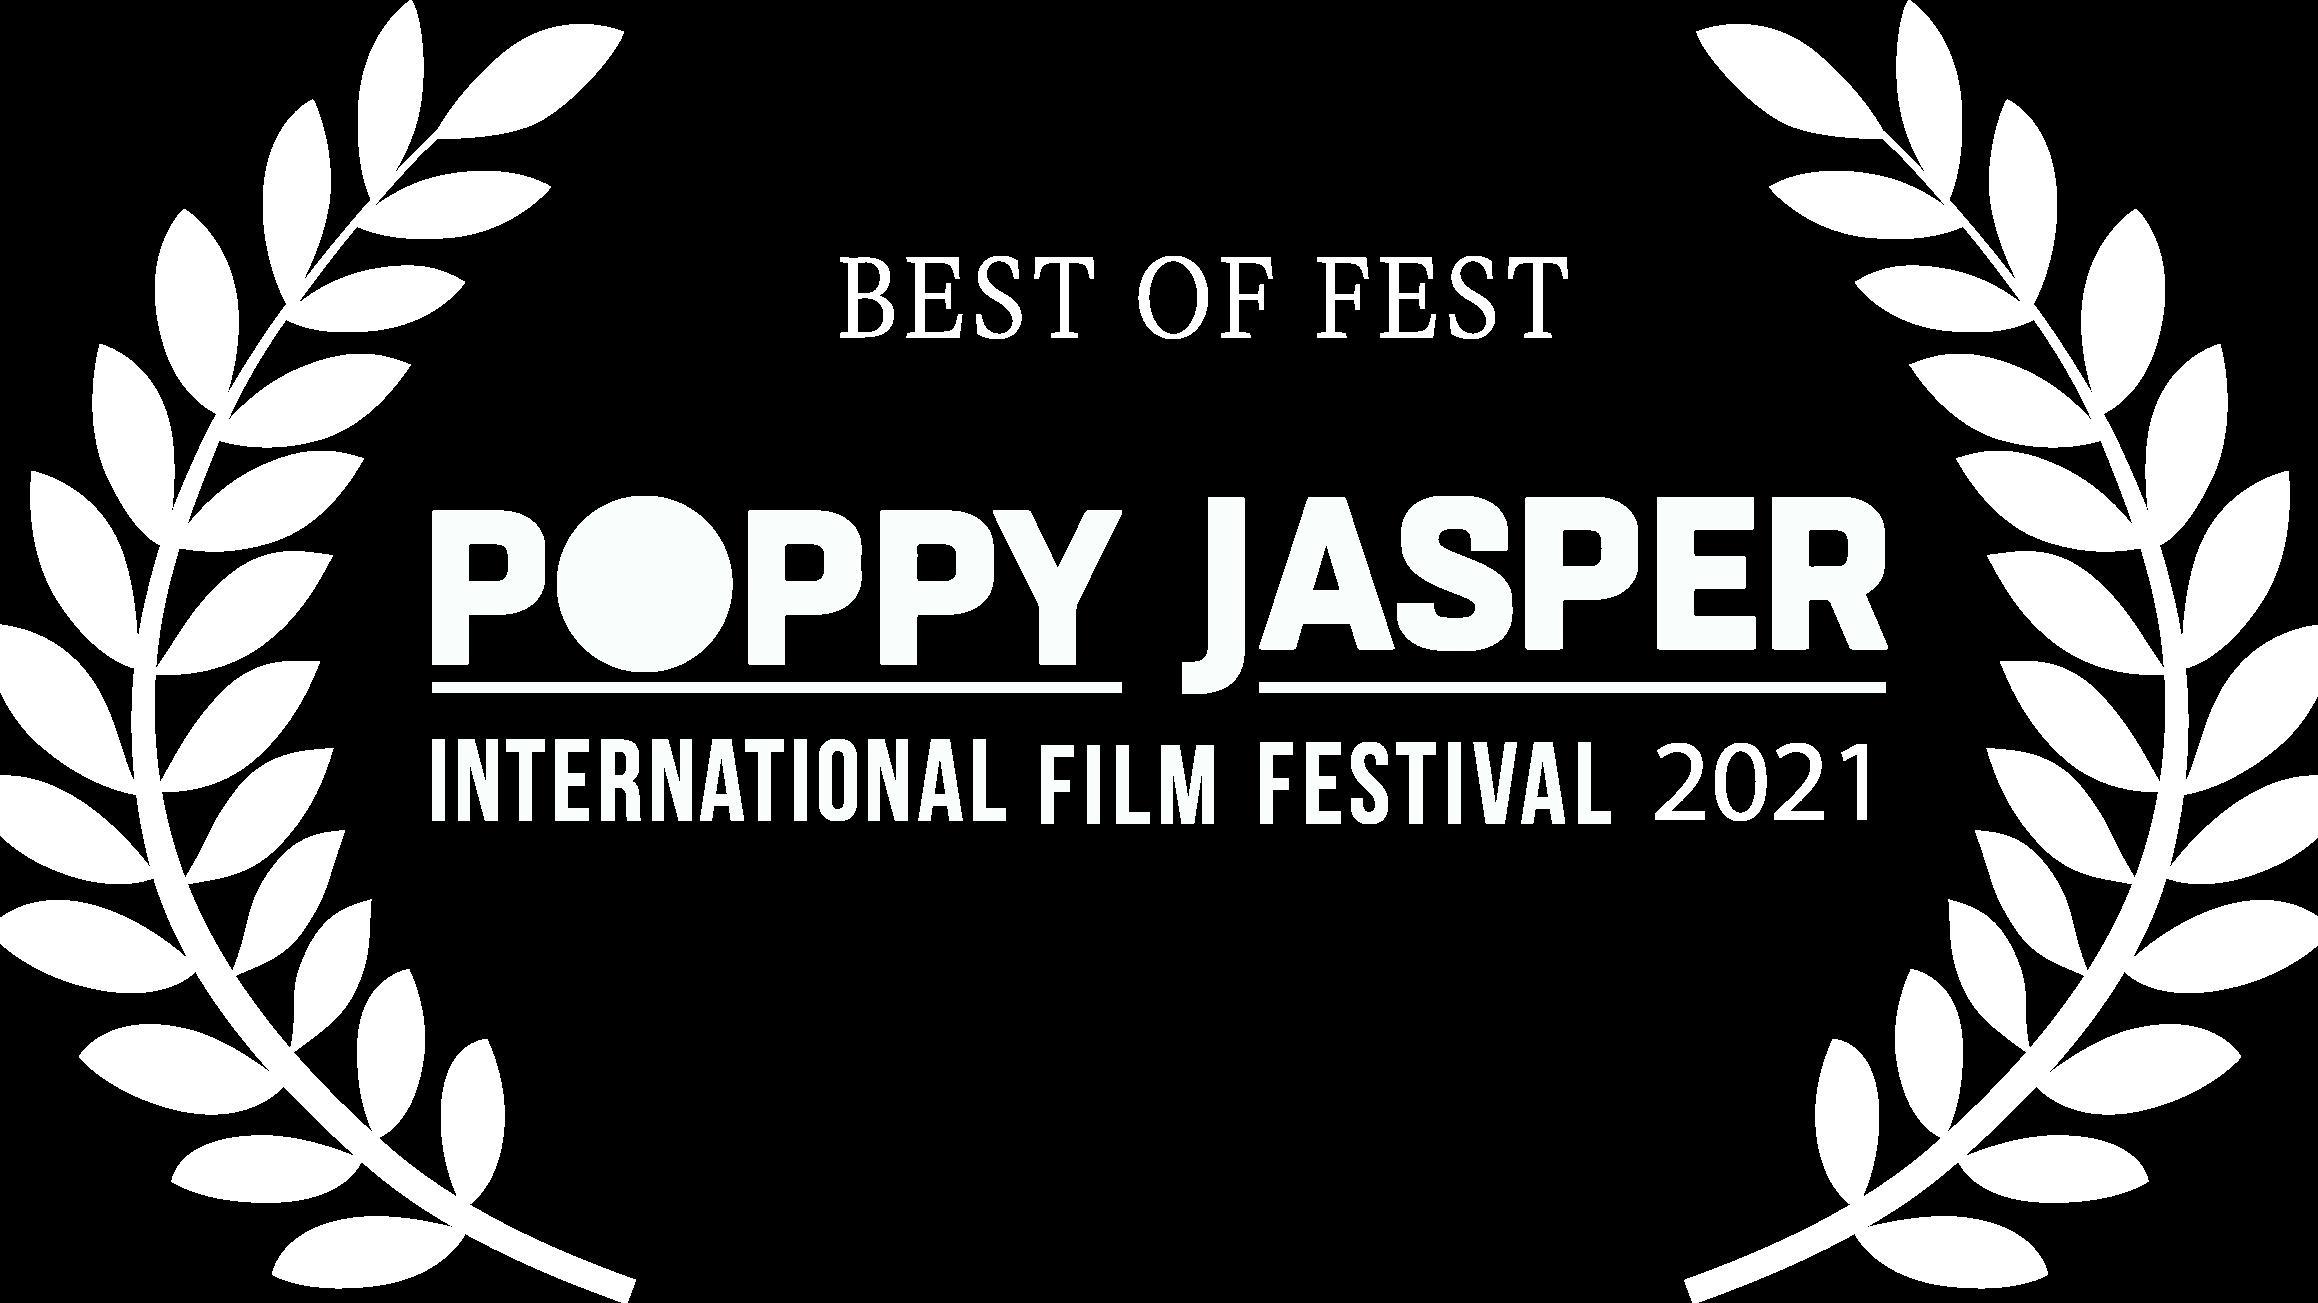 Best of Festival: Horror | Best Of Poppy Jasper - Block Two | Poppy Jasper  International Film Festival